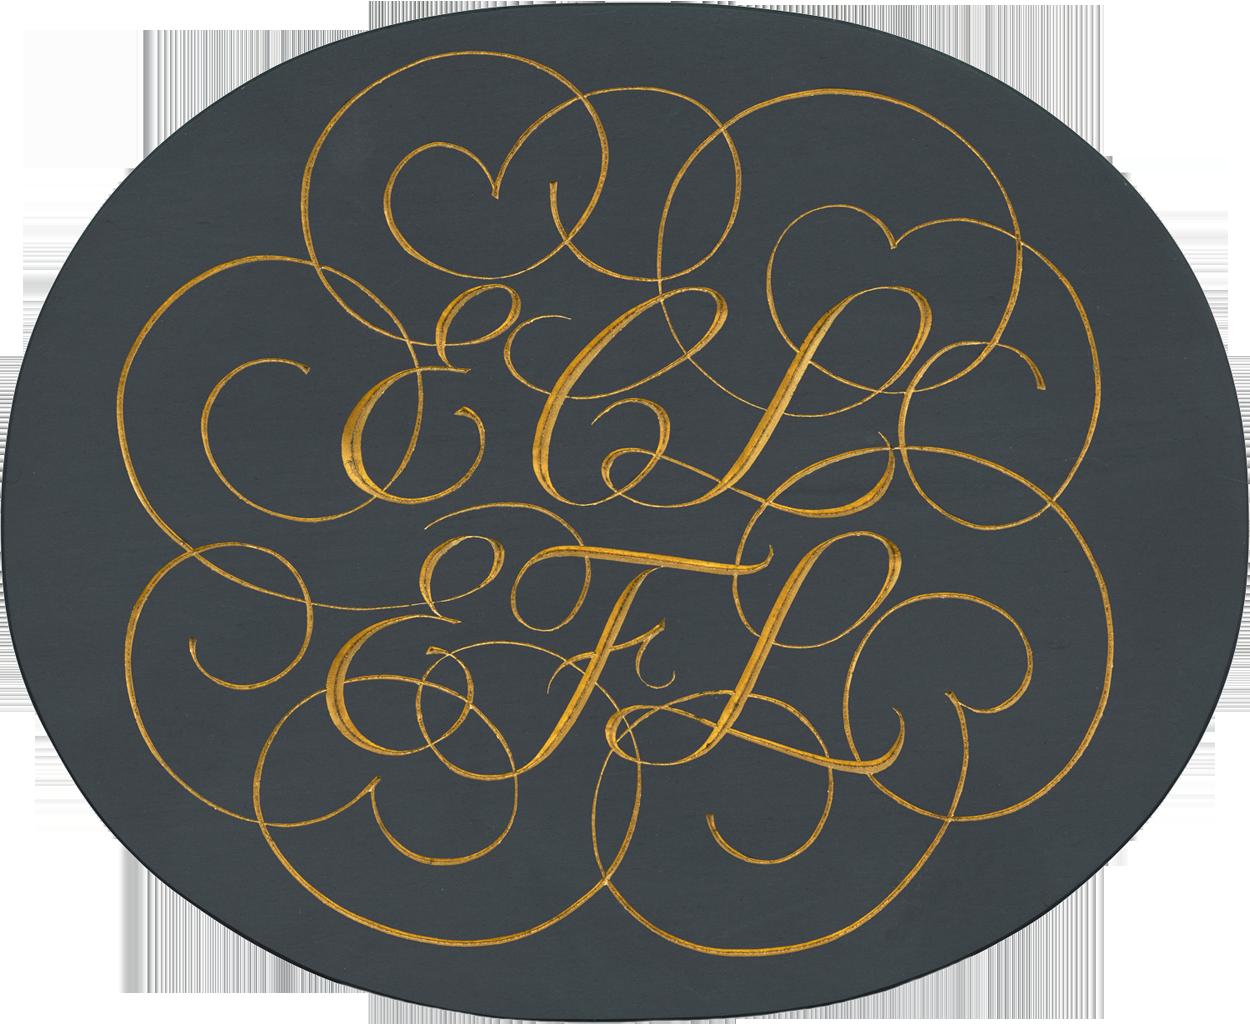 Stphen_Harvard_Slate_Lettercarving_Calligraphy